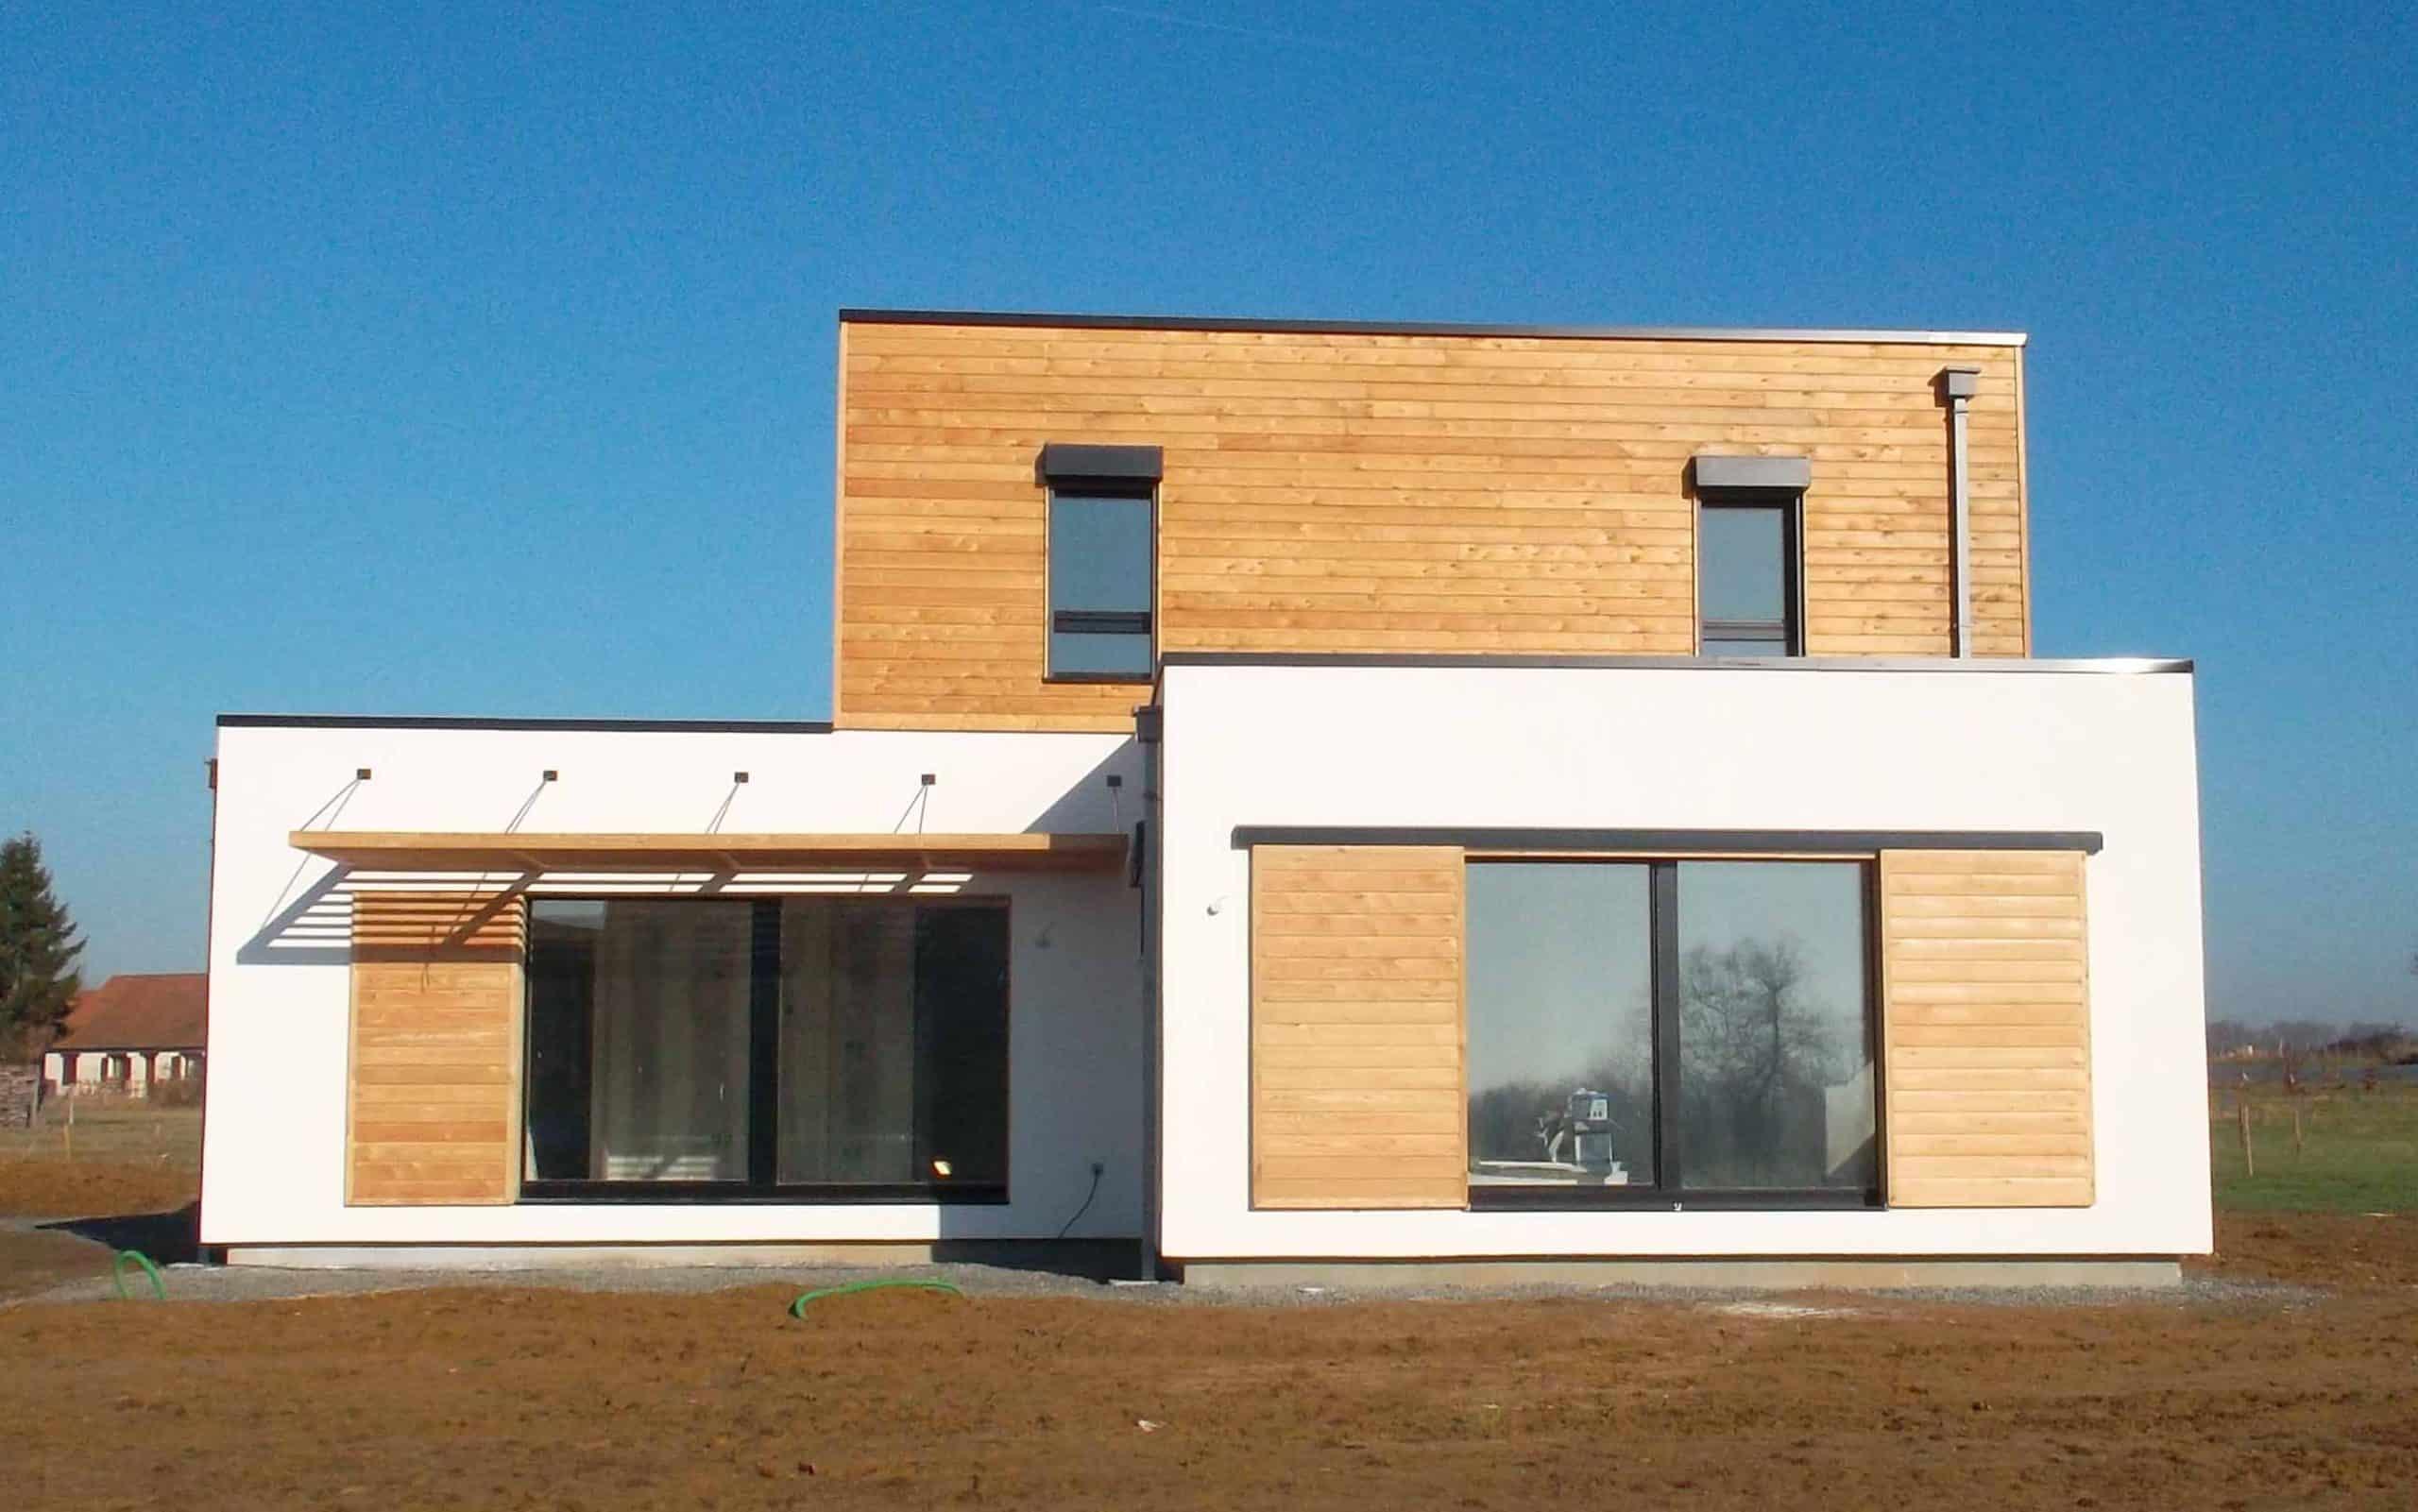 architecte maison passive trendy pour allier qualit haute performance thermique avec possibilit. Black Bedroom Furniture Sets. Home Design Ideas